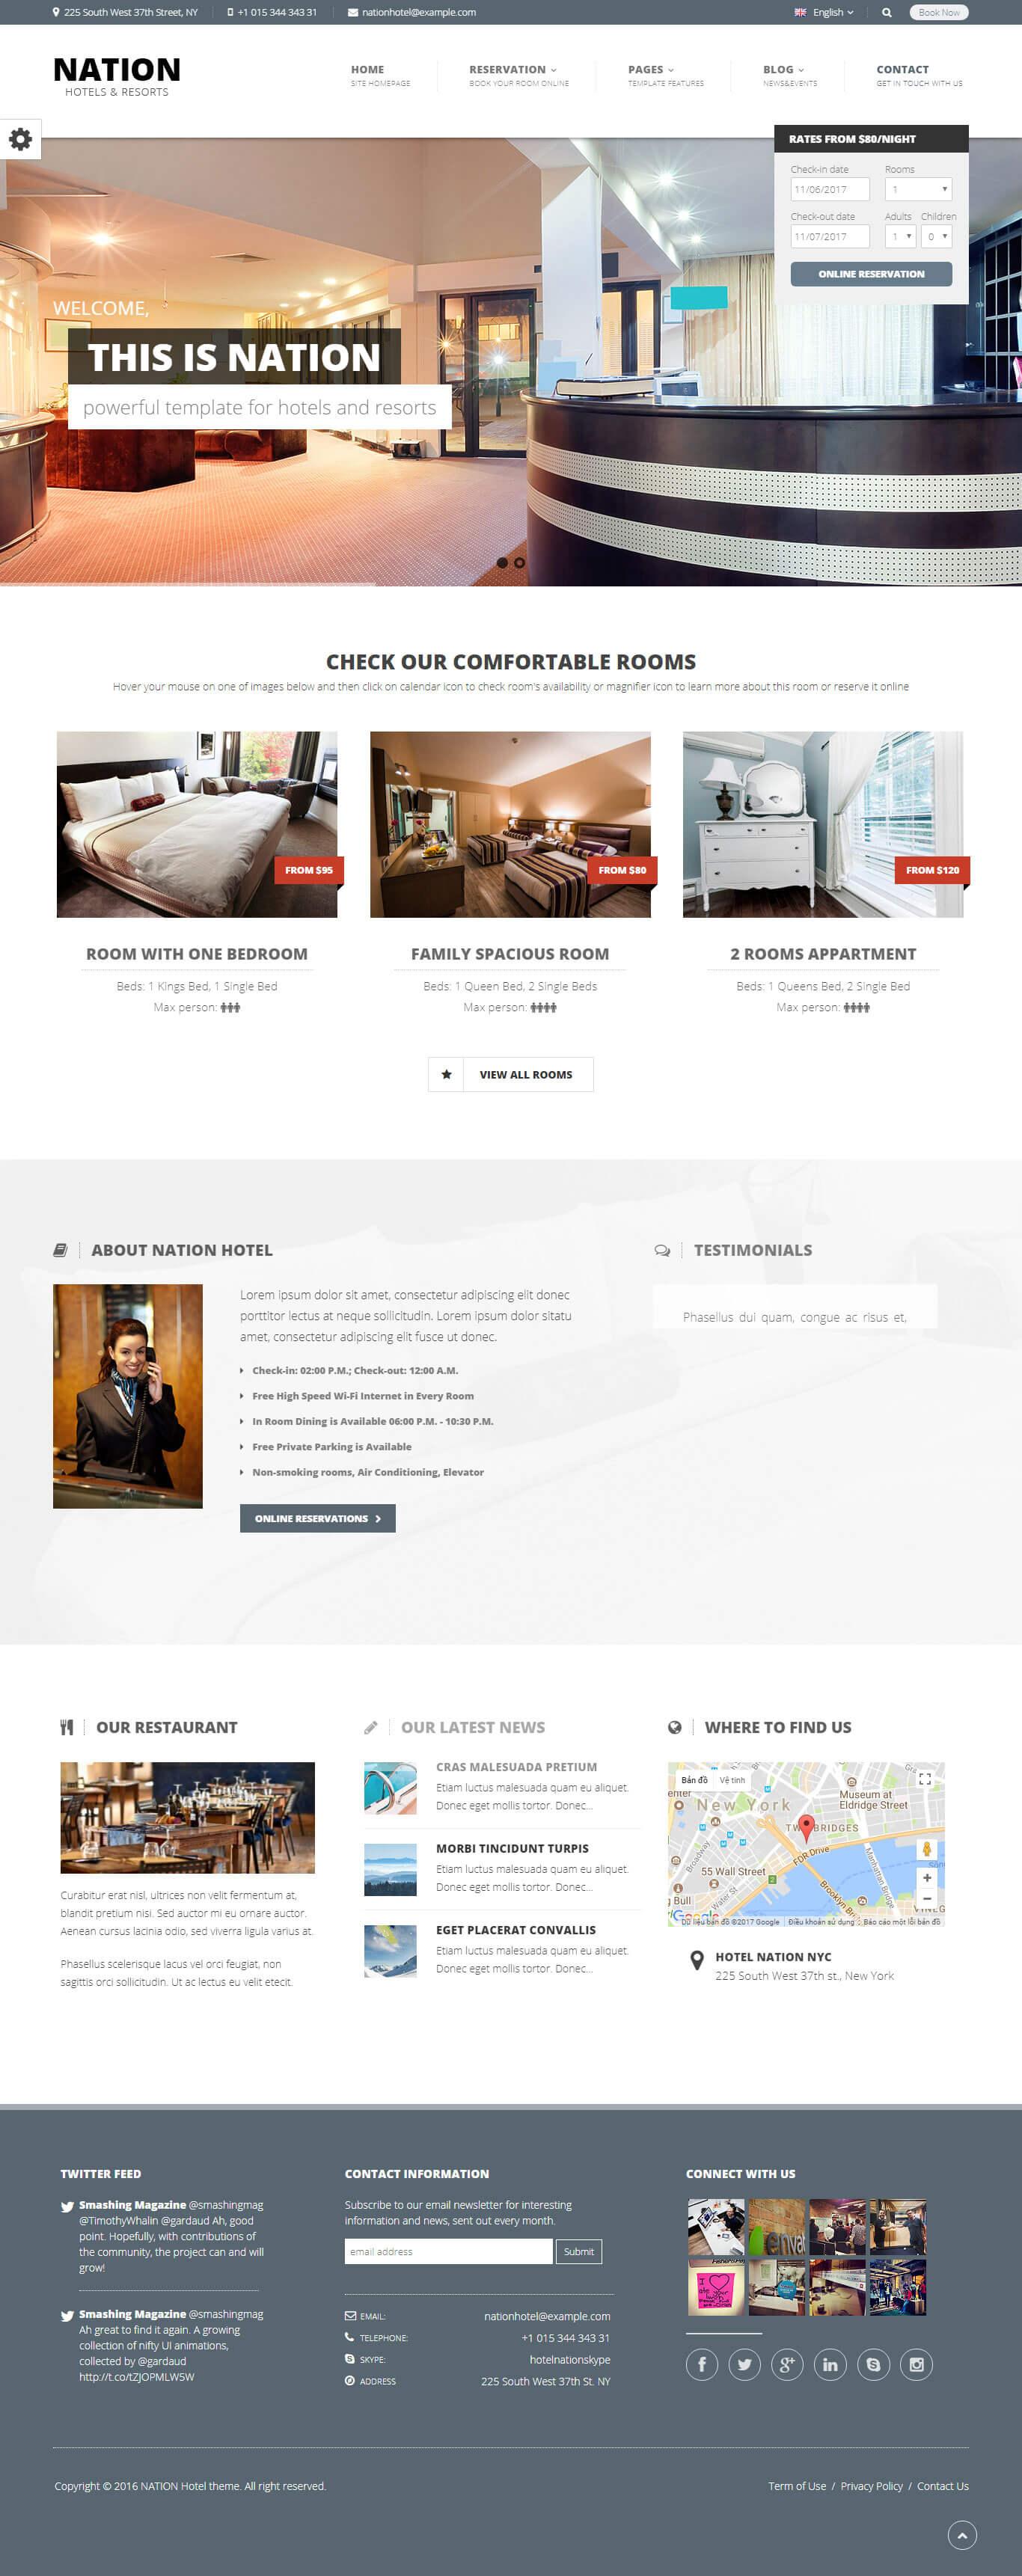 Giao diện website khách sạn hoàn vũ